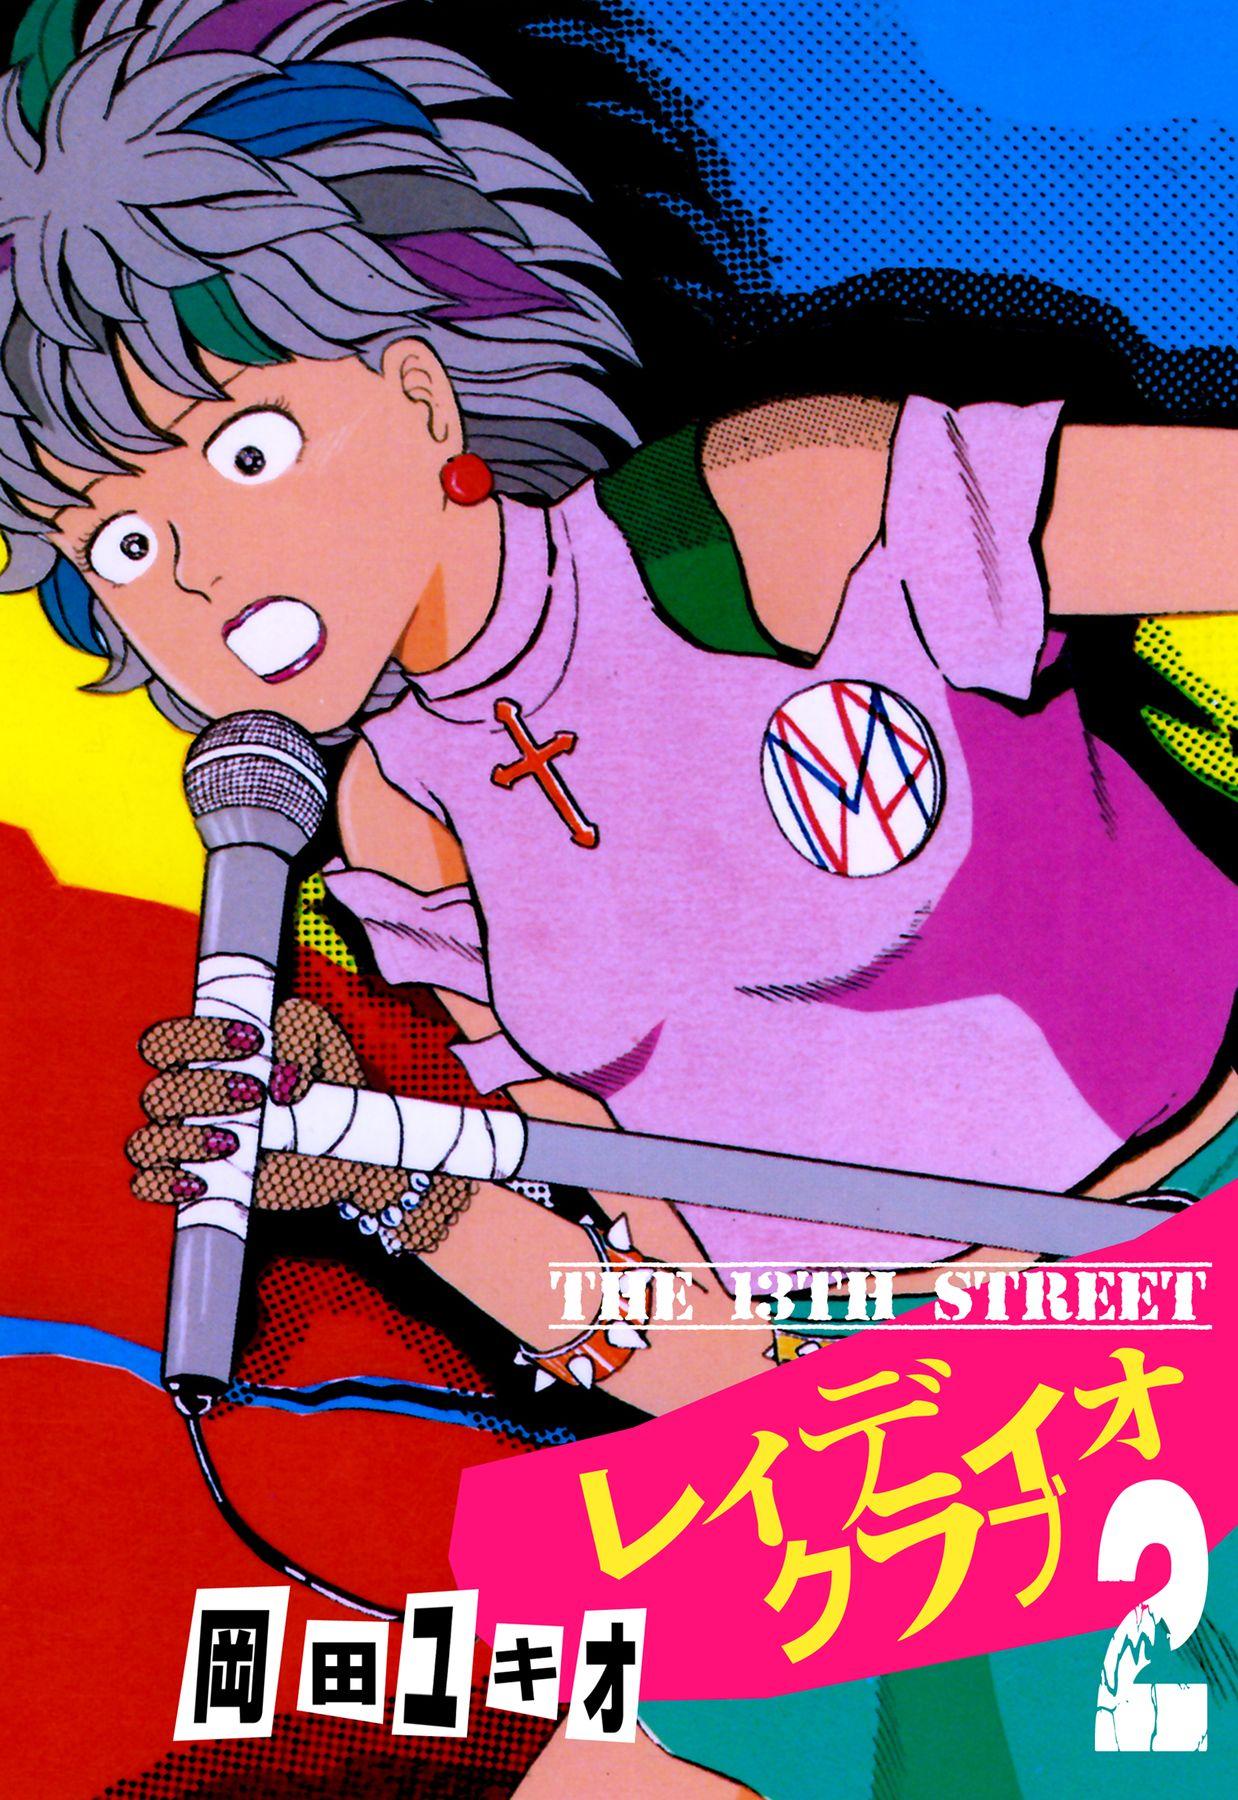 THE 13TH STREET レィディオクラブ(第2巻)